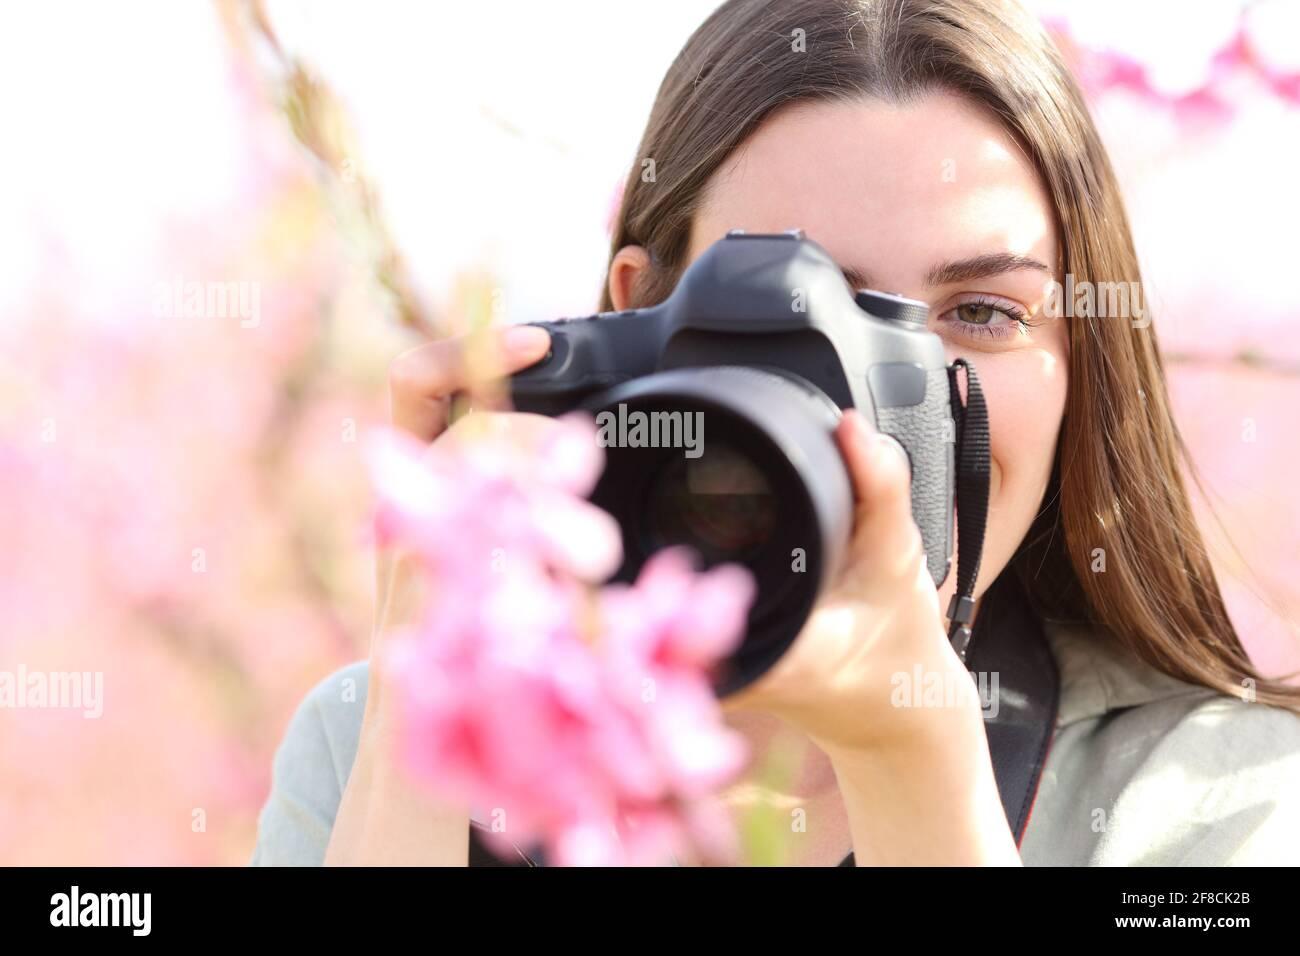 Vue avant portrait d'un photographe photographiant des fleurs avec macro objectif et appareil photo reflex numérique dans un champ Banque D'Images